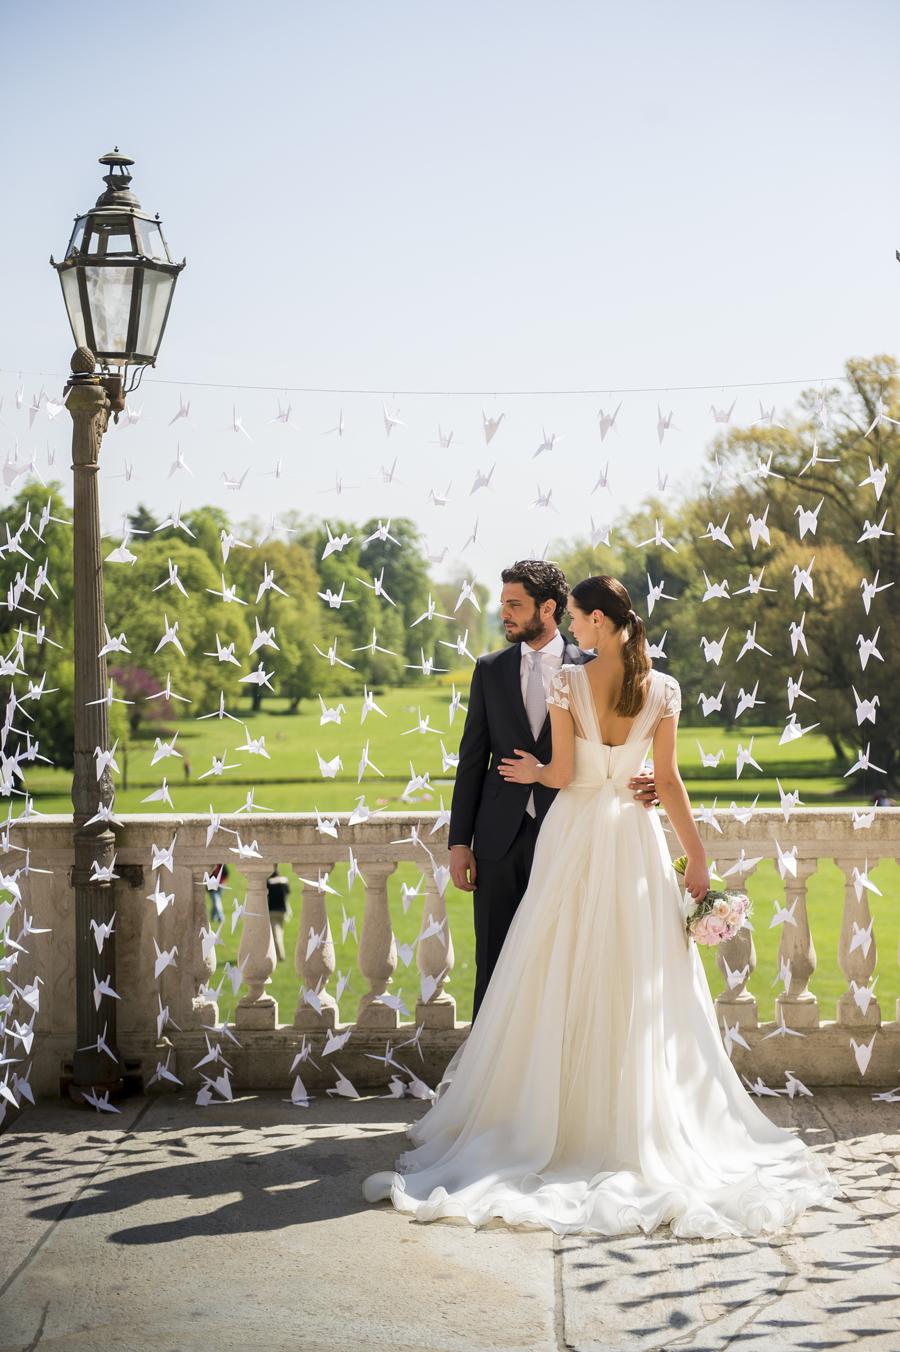 coppia di sposi foto album, origami, reggia di monza, abito sposa ampio in organza